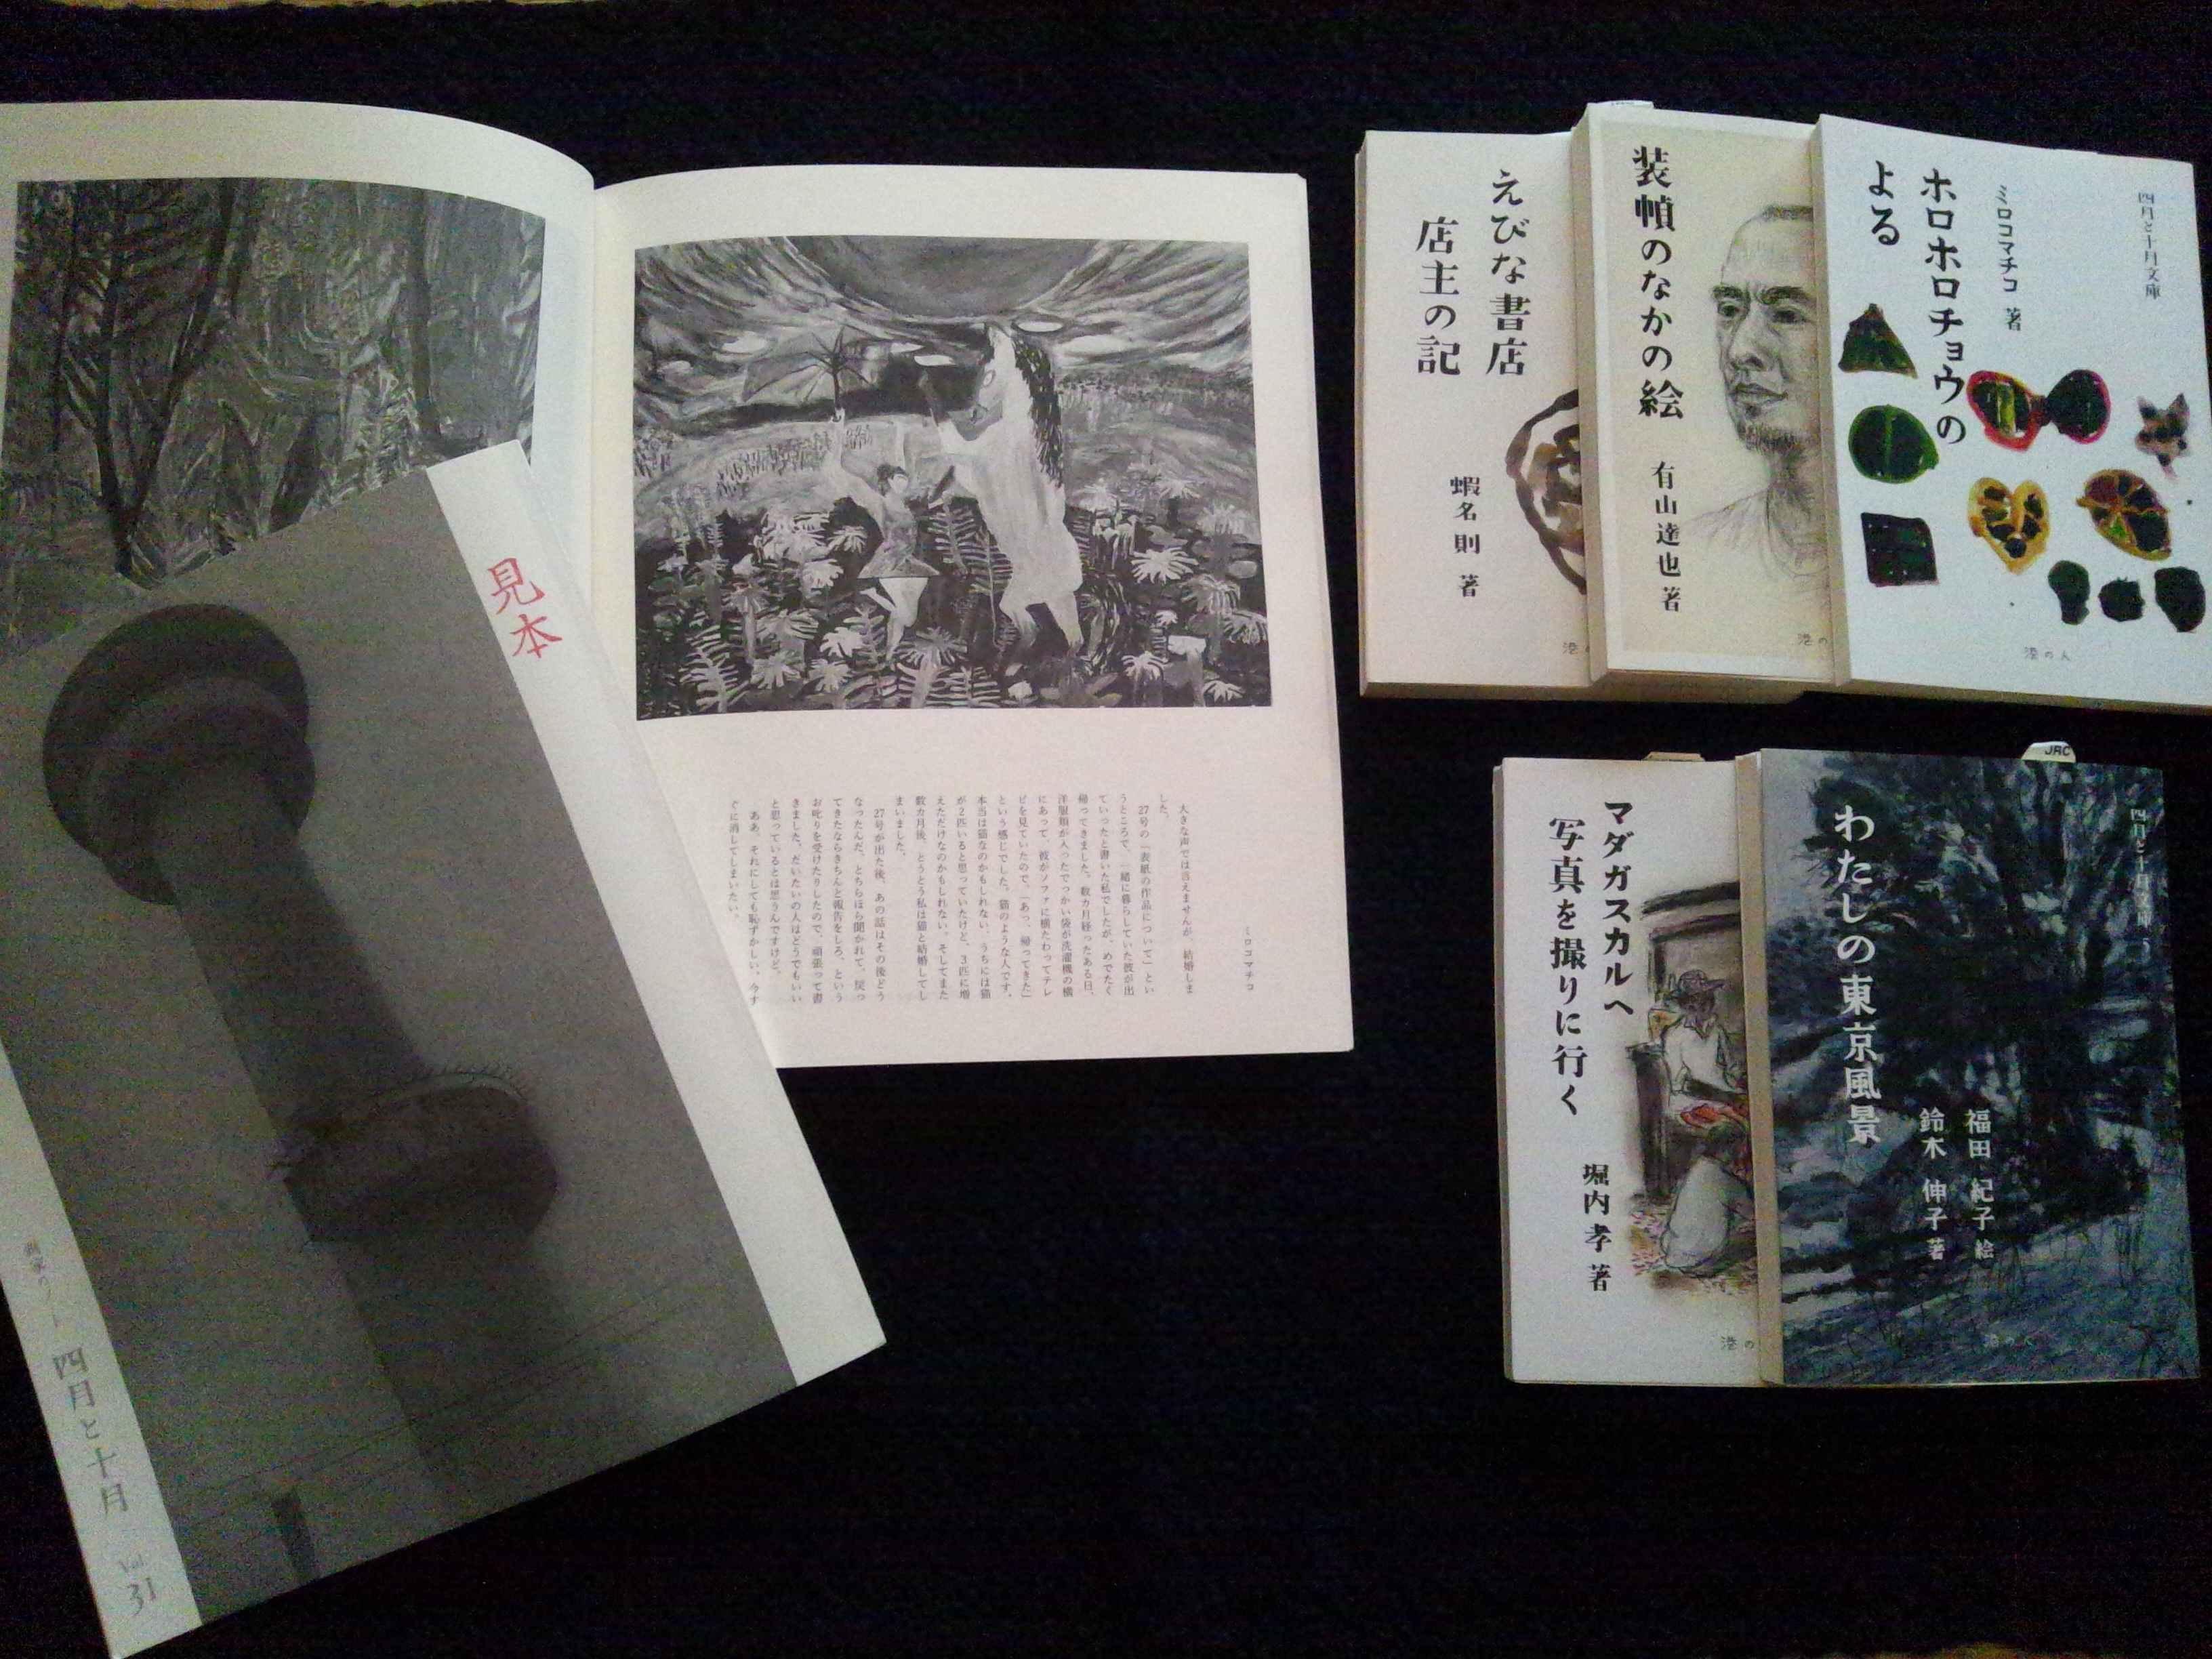 ミロコマチコさんのサイン入り絵本_a0265743_212763.jpg